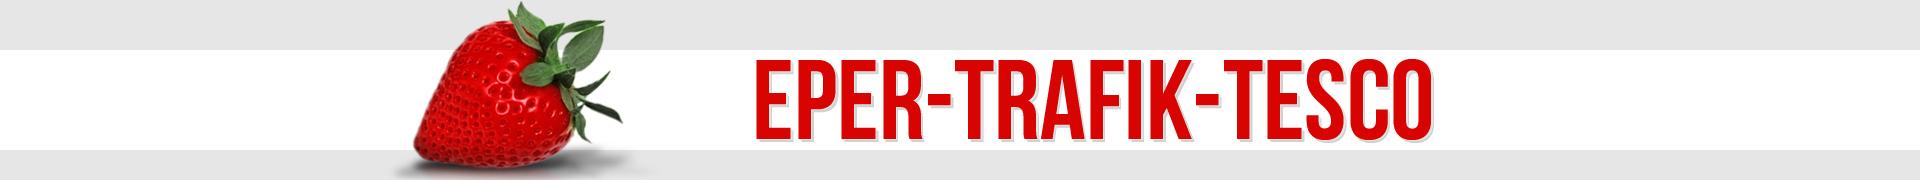 Eper-Trafik-Tesco